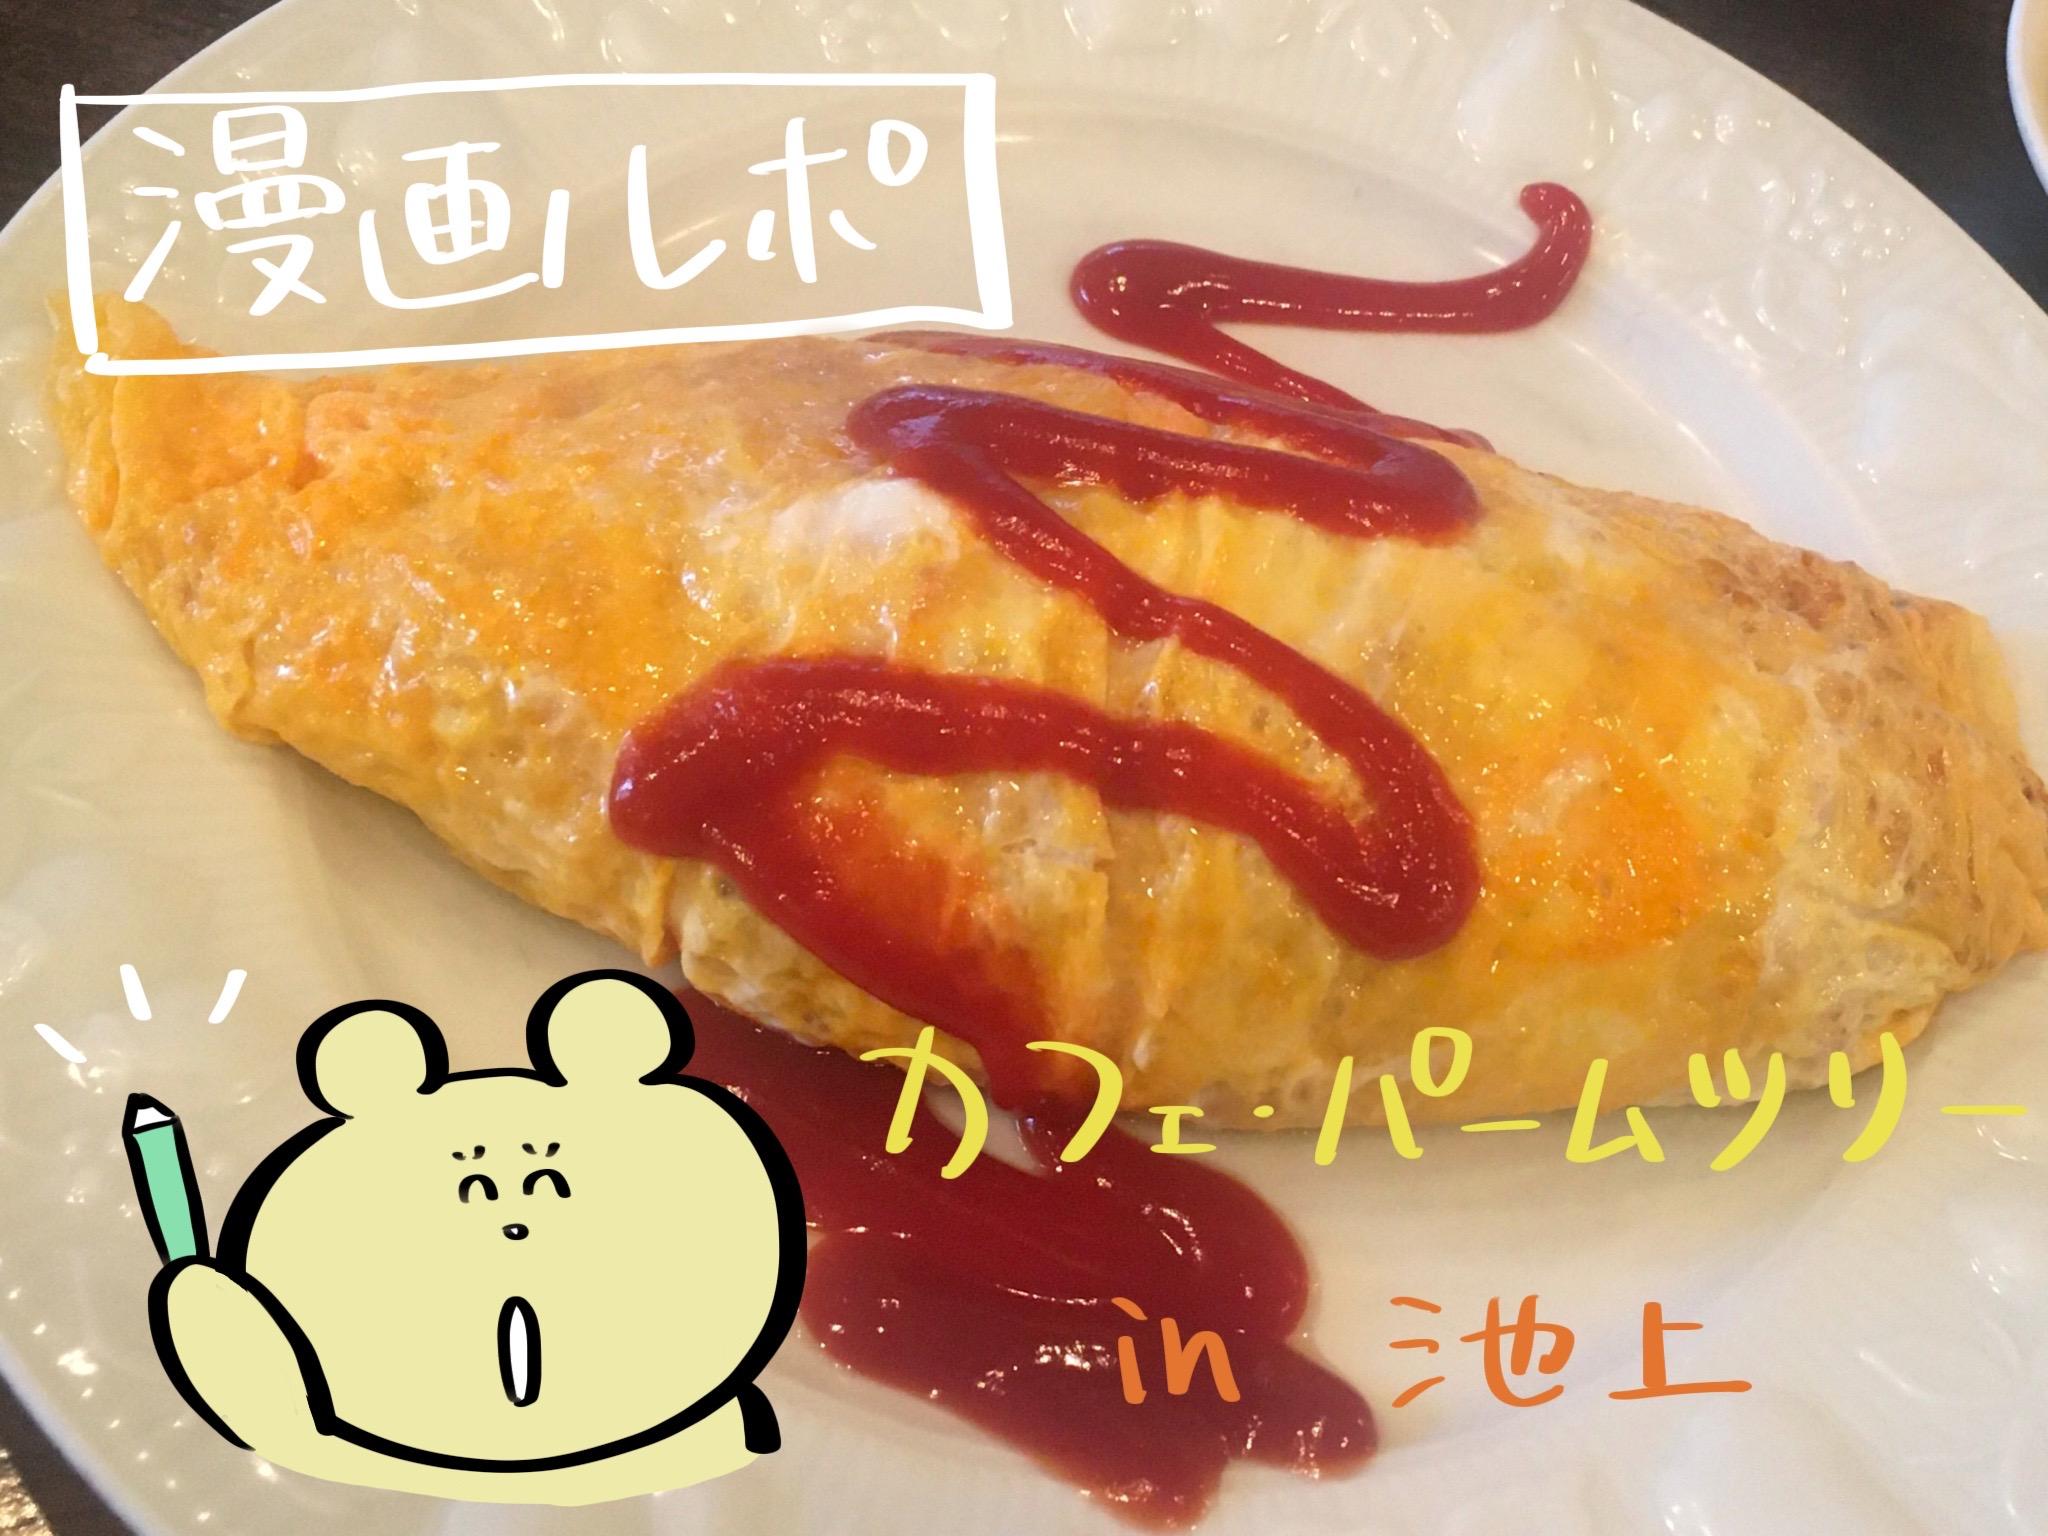 【これぞ王道】カフェ・パームツリーのケチャップオムライス@池上駅